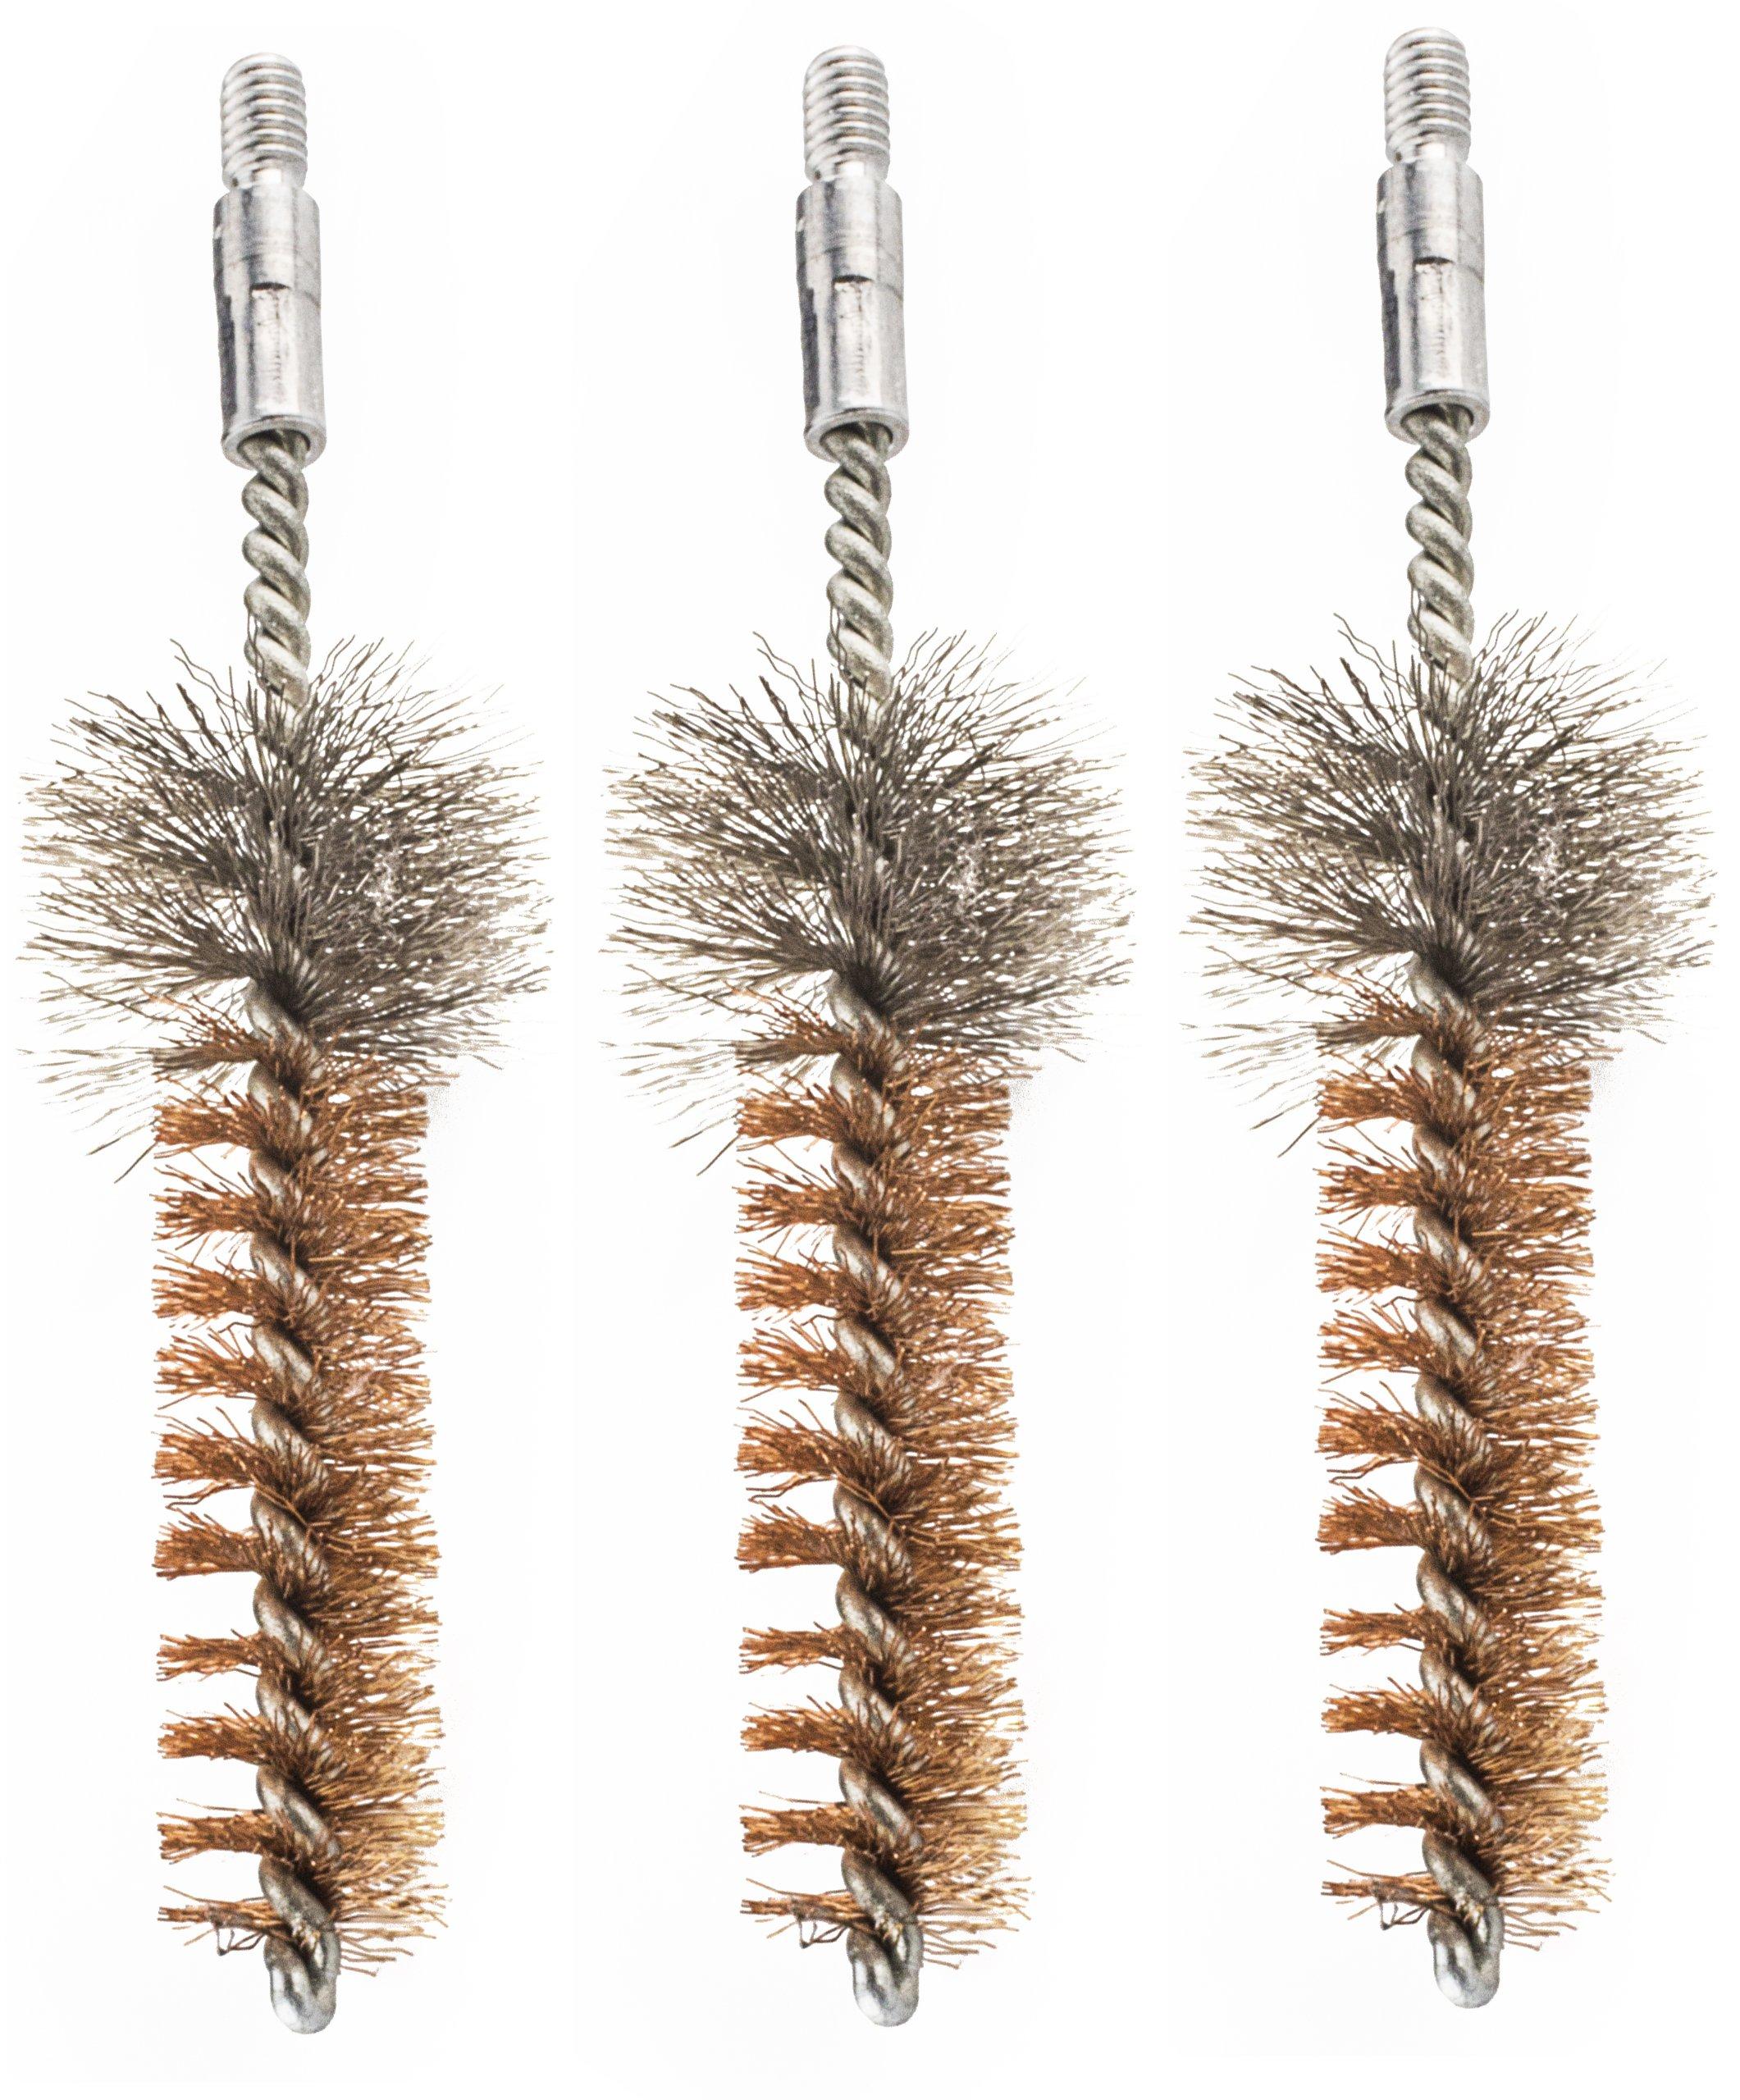 Hoppe's Phosphor Bronze 7.62mm/.308cal AR Rifle Chamber Brush (Pack of 3)